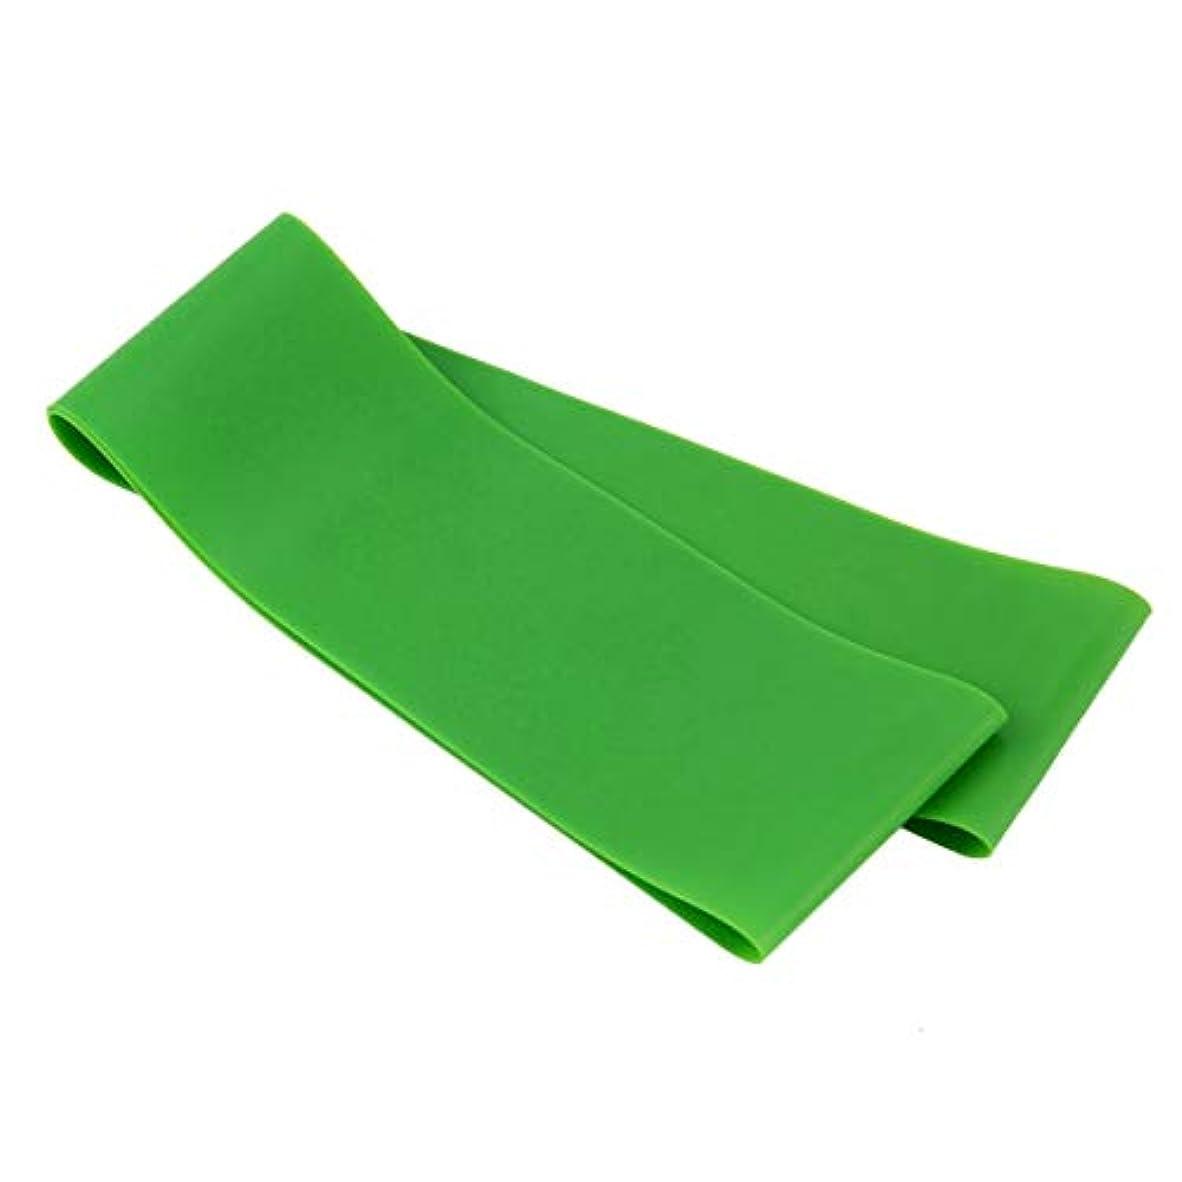 パリティわずかに進む滑り止め伸縮性ゴム弾性ヨガベルトバンドプルロープ張力抵抗バンドループ強度のためのフィットネスヨガツール - グリーン